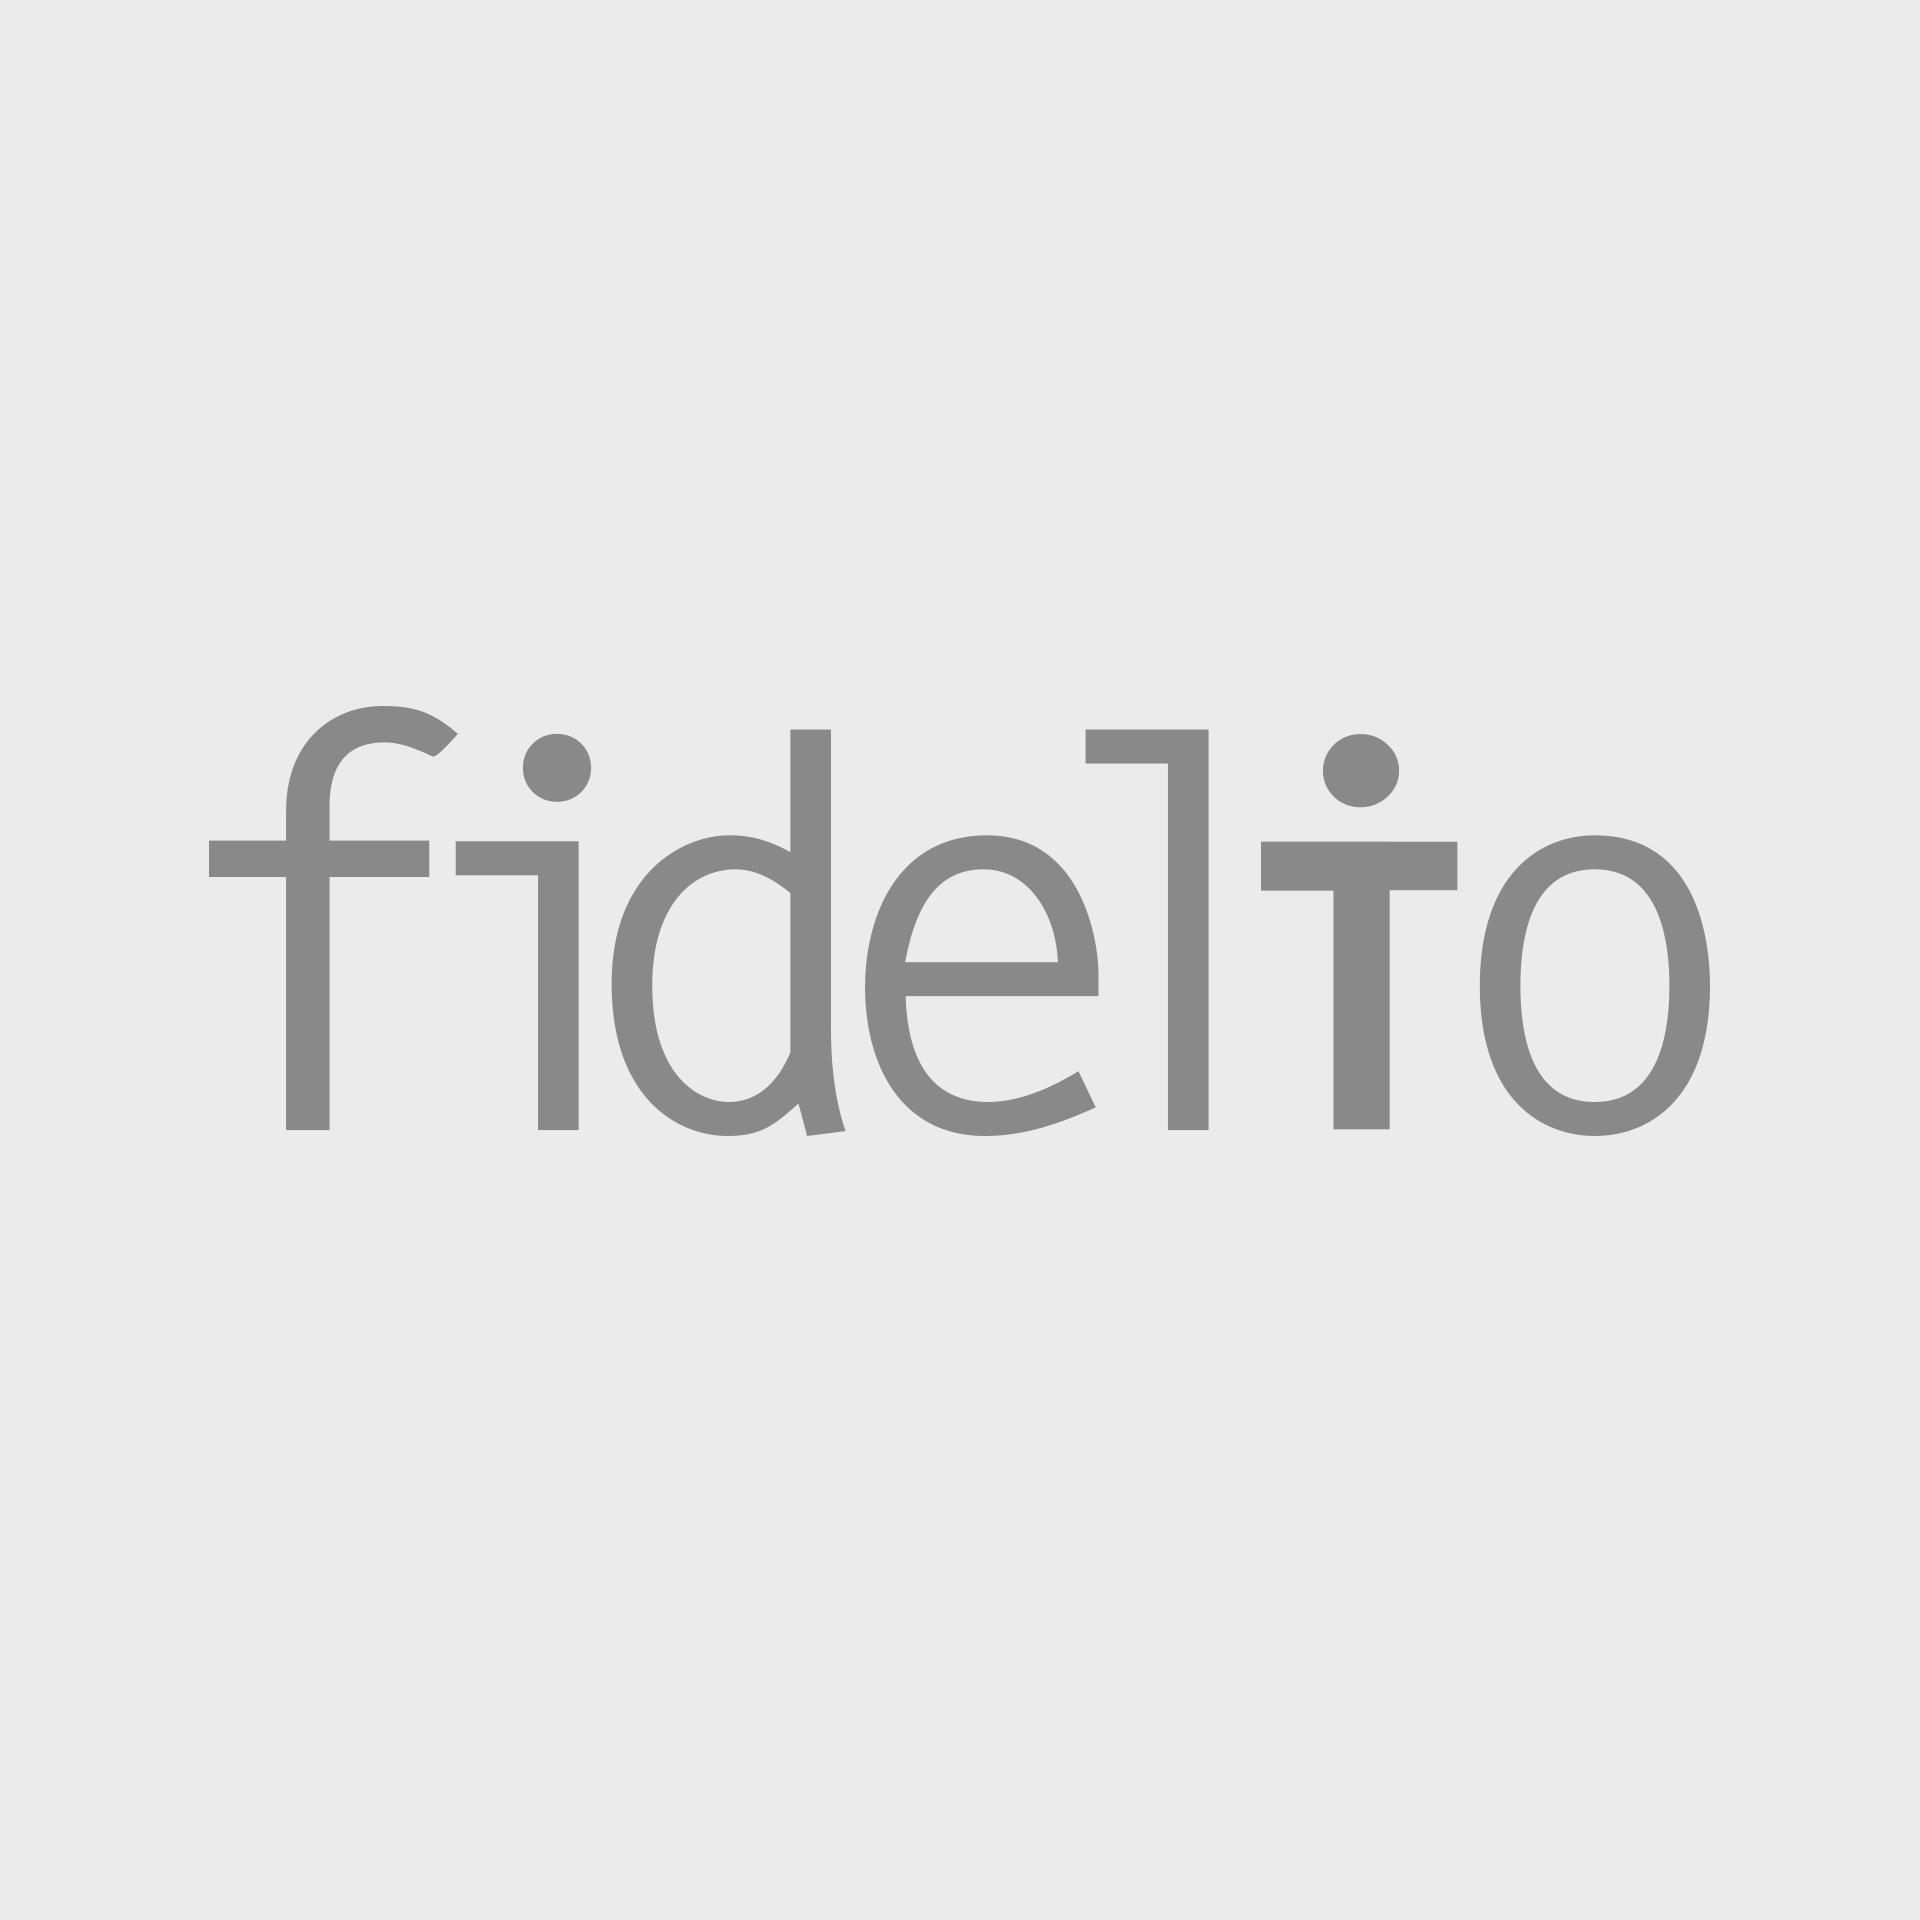 DBF3BDEF-E5F5-4412-B9FA-20033C321F03